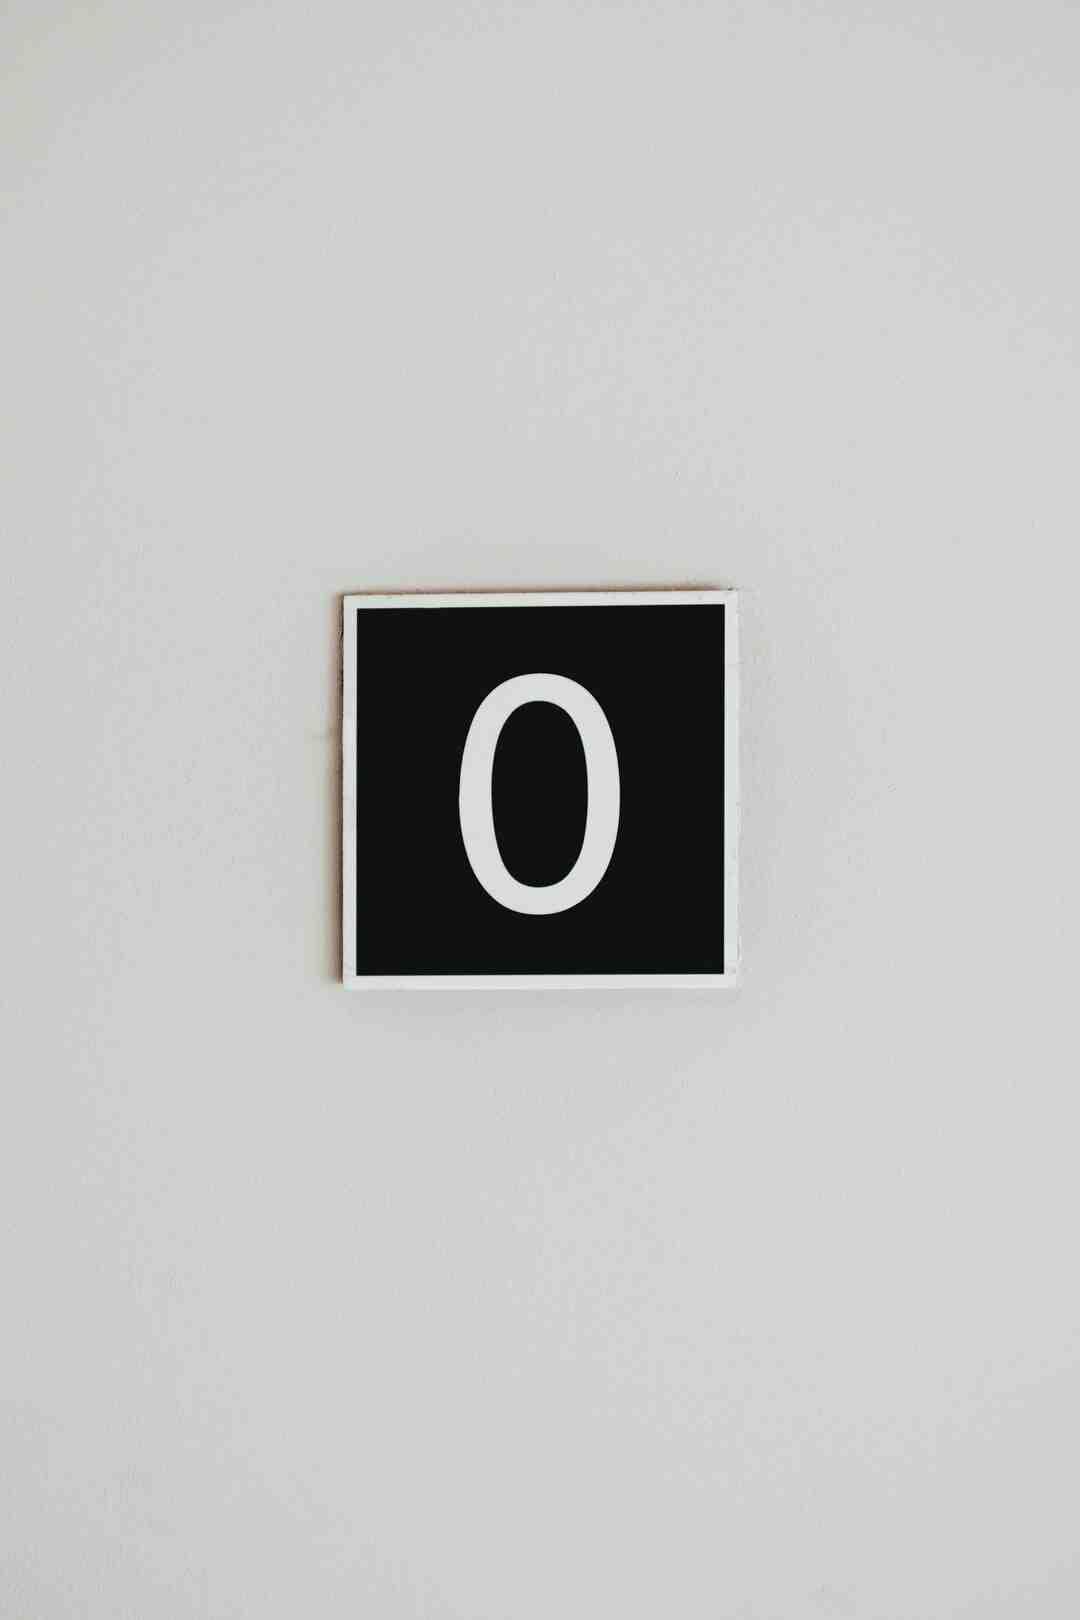 Comment diviser des nombres fractionnaires ?